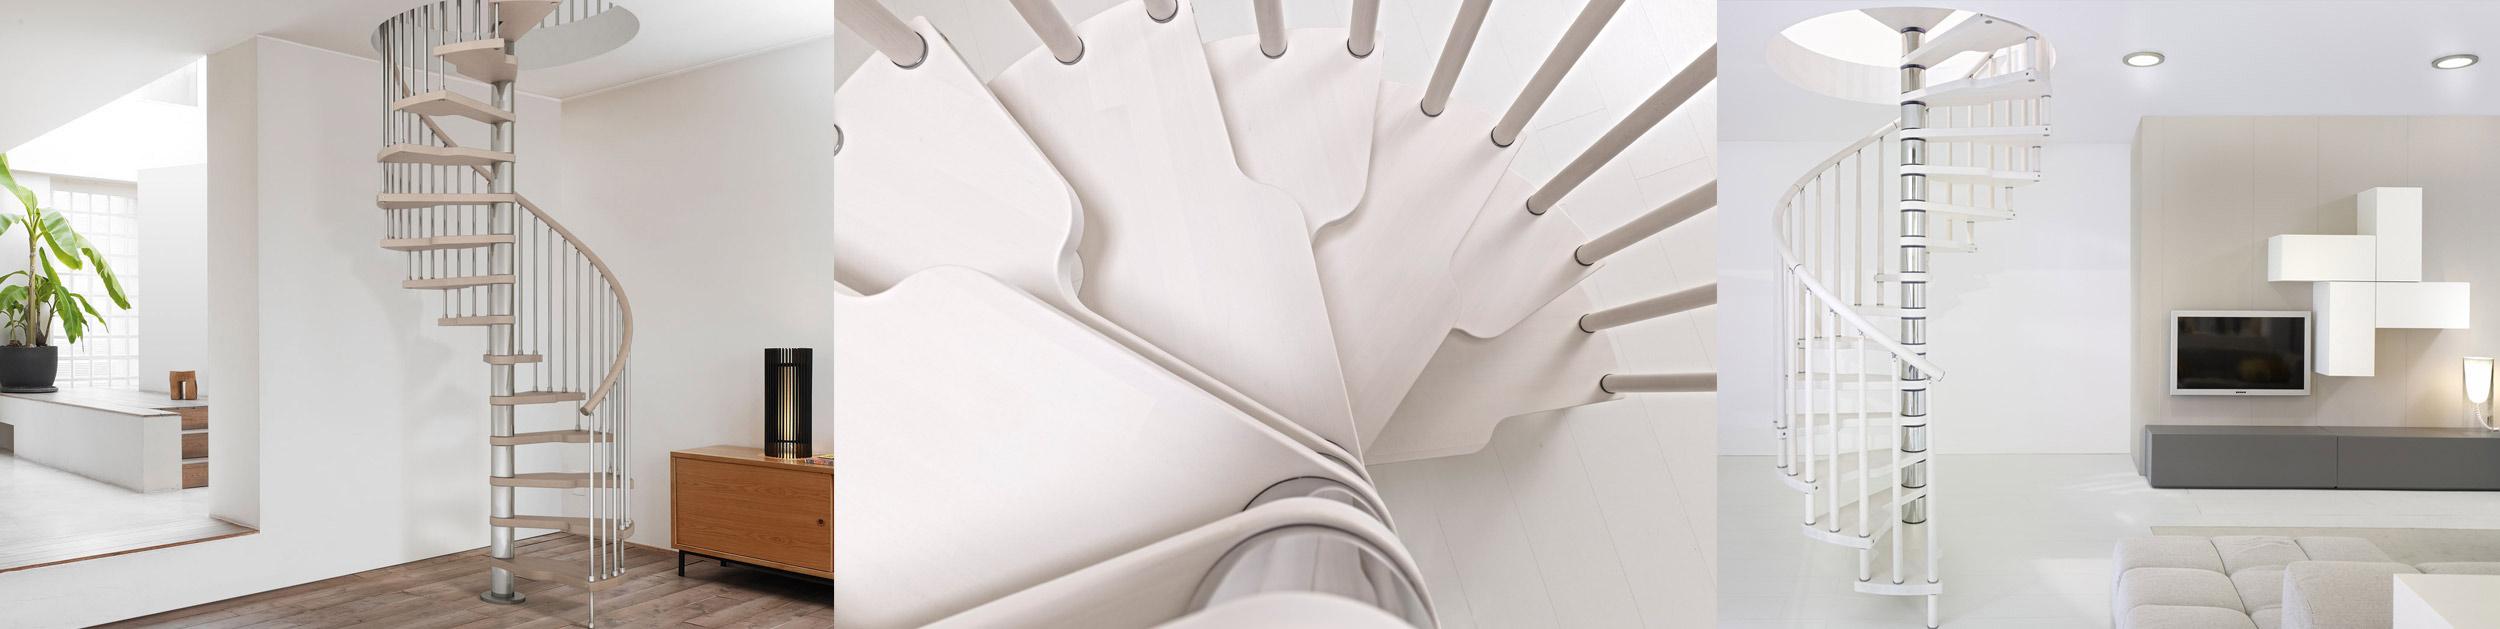 Alimonti piu 39 vendita scale da arredamento scale da for Occasioni arredamento roma